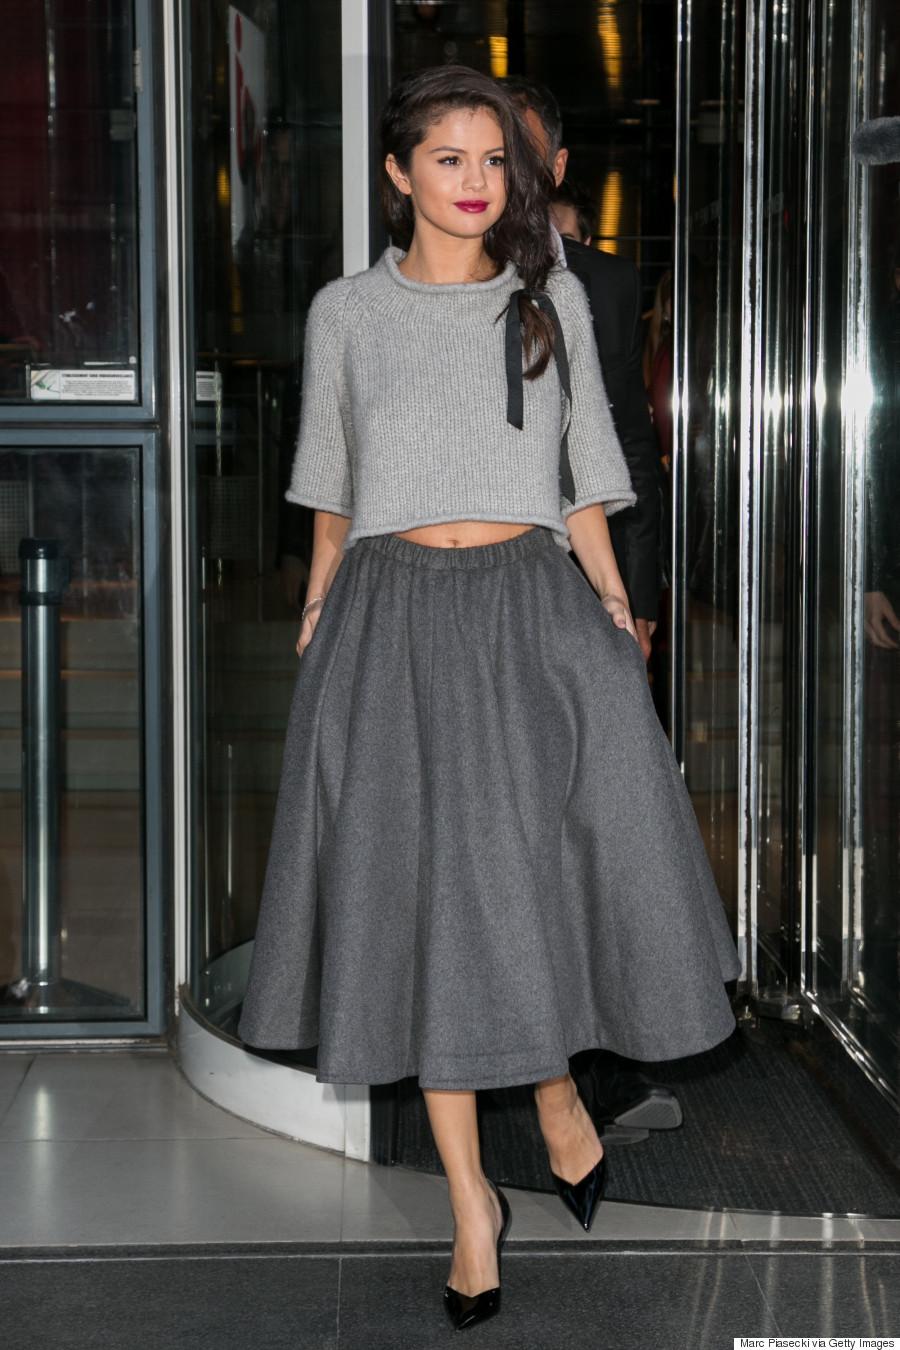 Selena Gomez Sighting In Paris  -  September 28, 2015